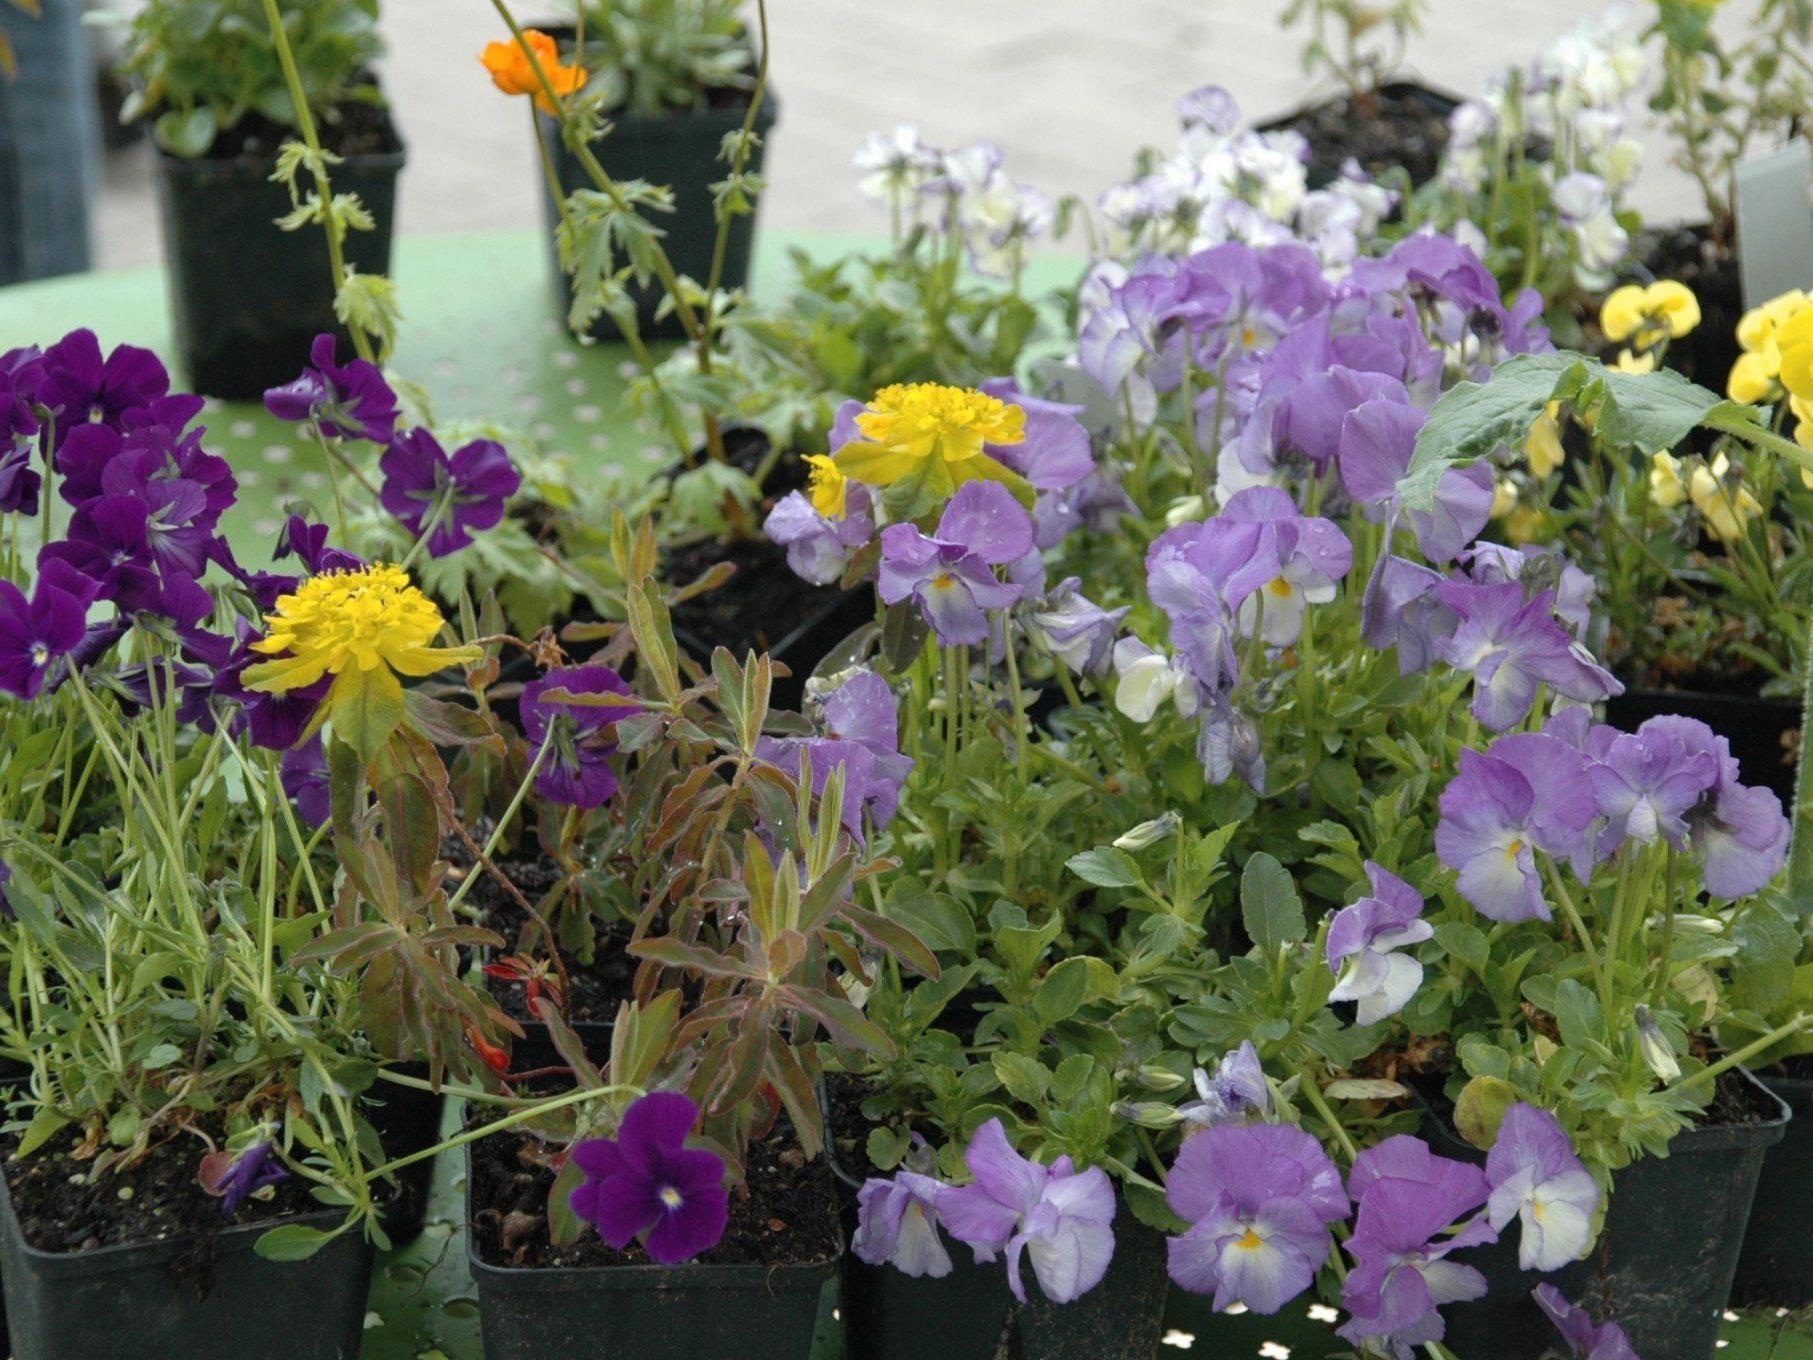 Neben Blumen wird es beim neuen Markt Am Garnmarkt auch bäuerliche Feinkost und regionale sowie internationale Spezialitäten geben